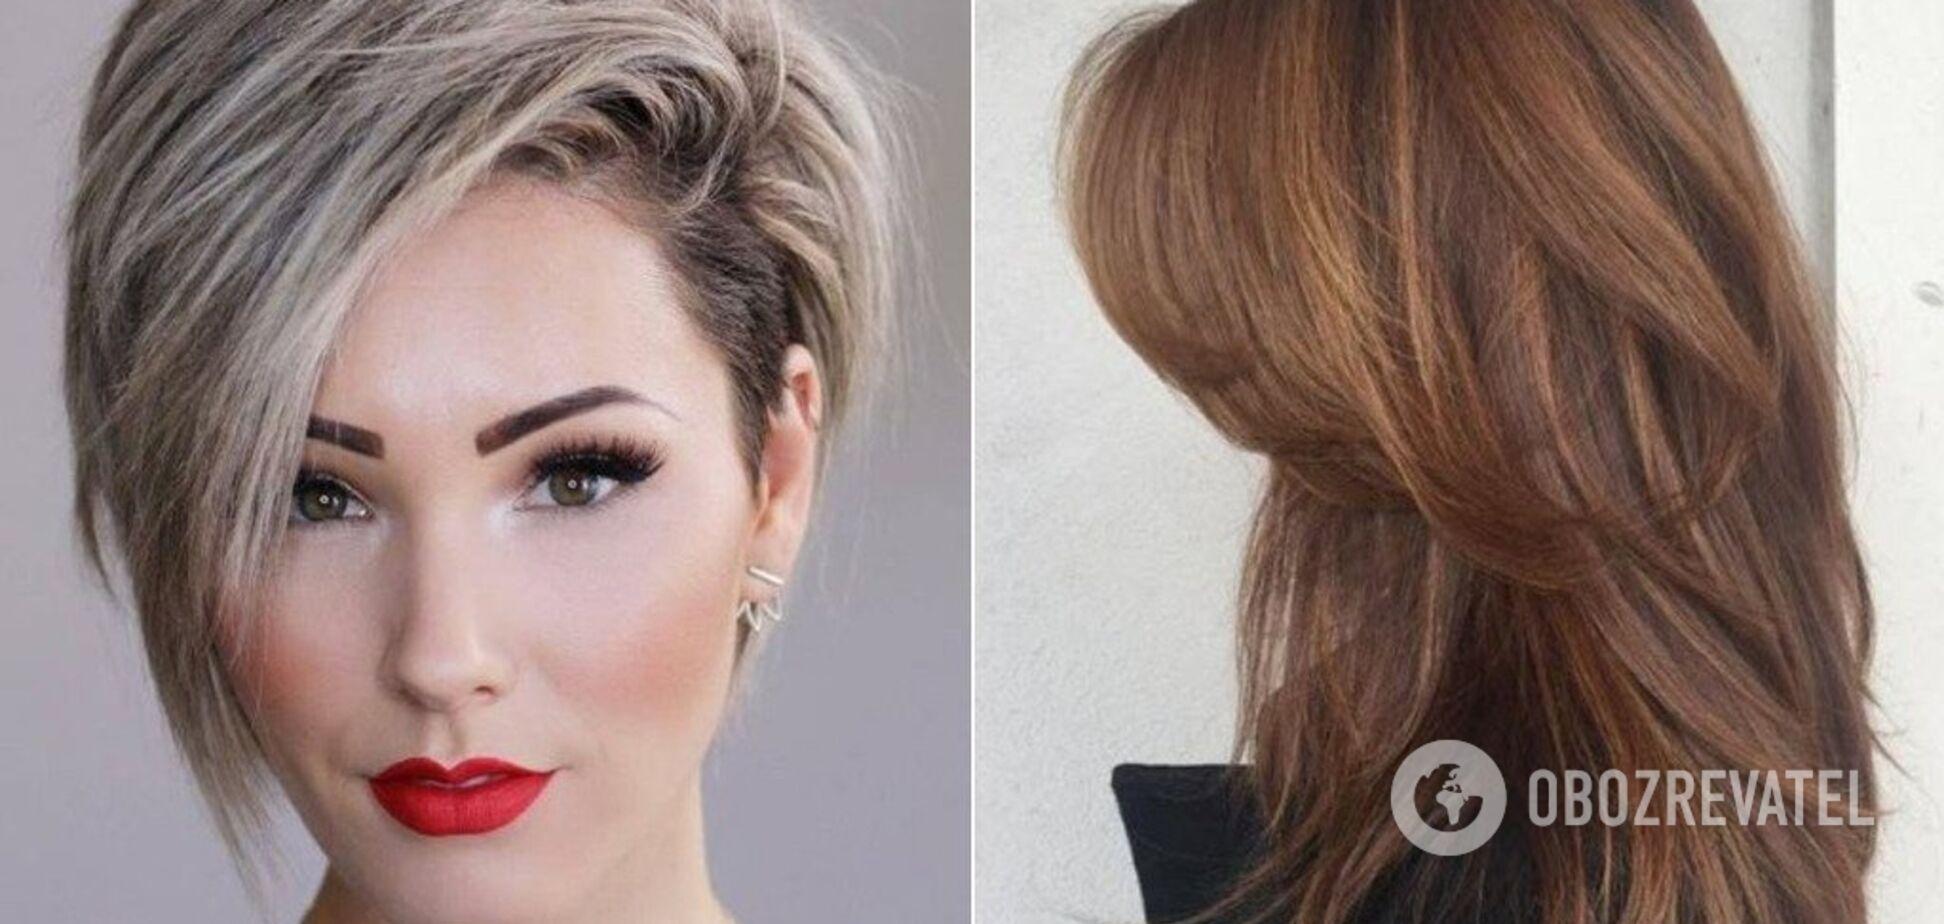 Модные стрижки: топ-4 варианта, которые сделают волосы красивее